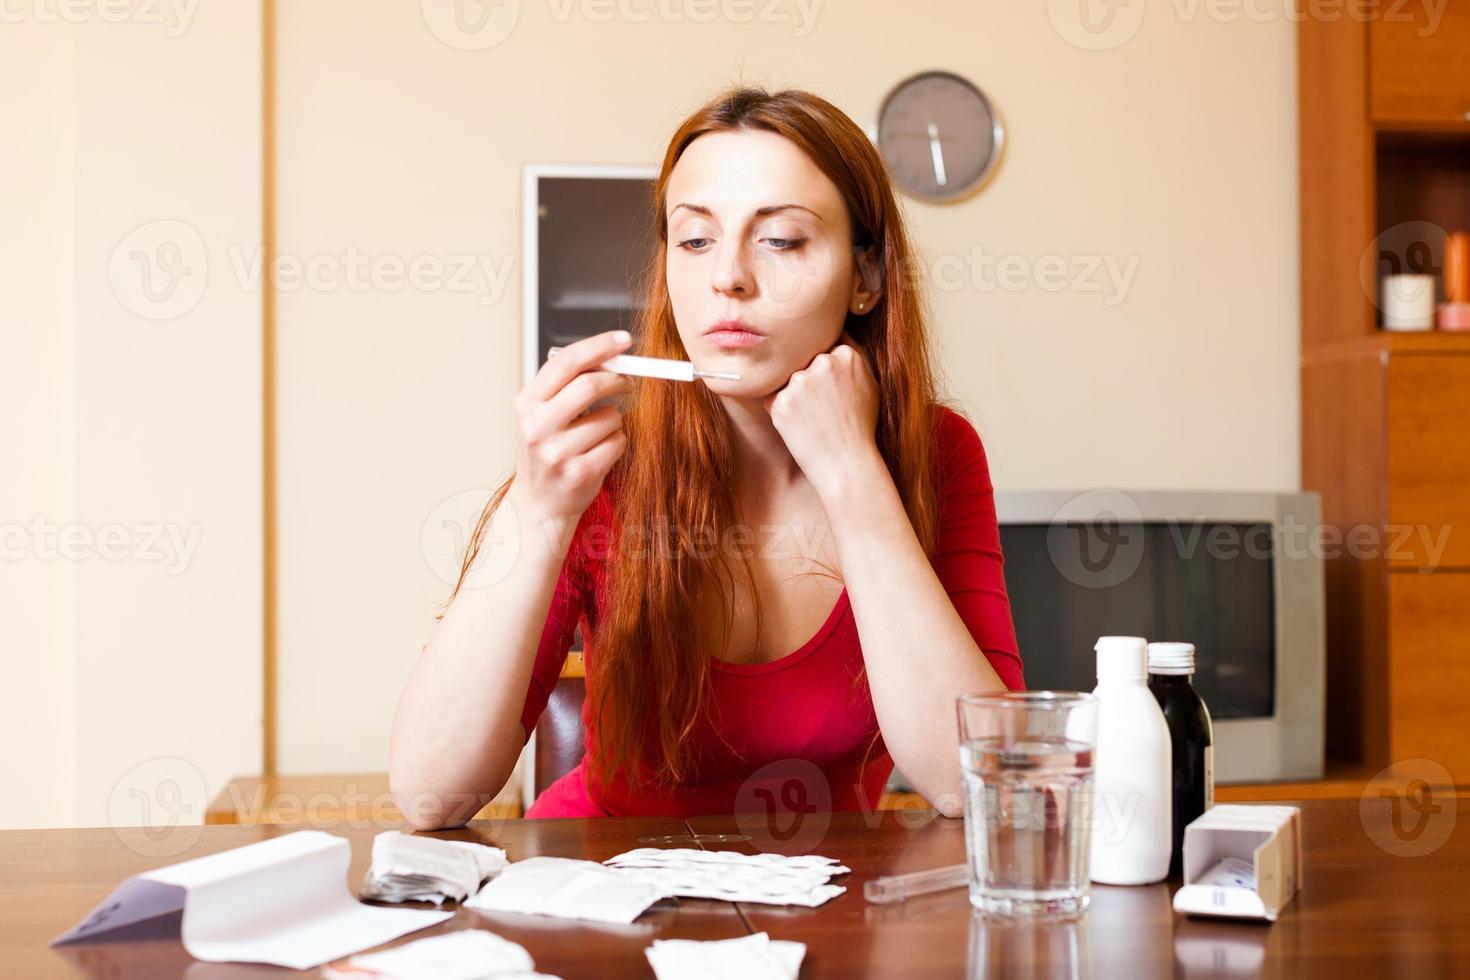 donna triste che misura la temperatura con il termometro a casa foto